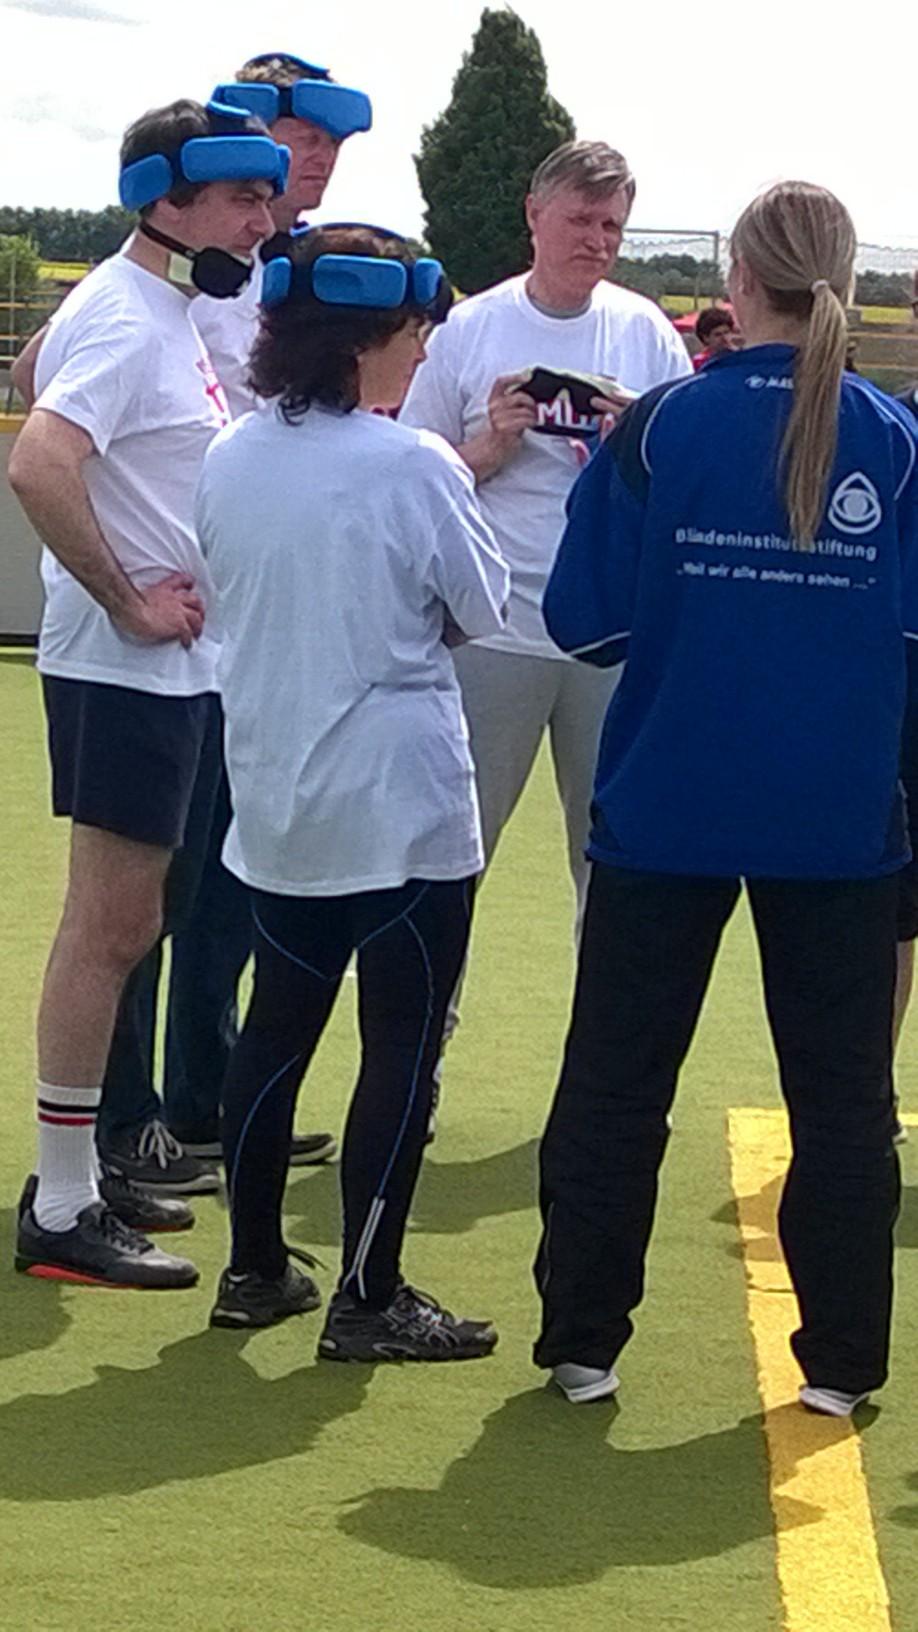 Kerstin Celina beim Blindenfußballspiel.